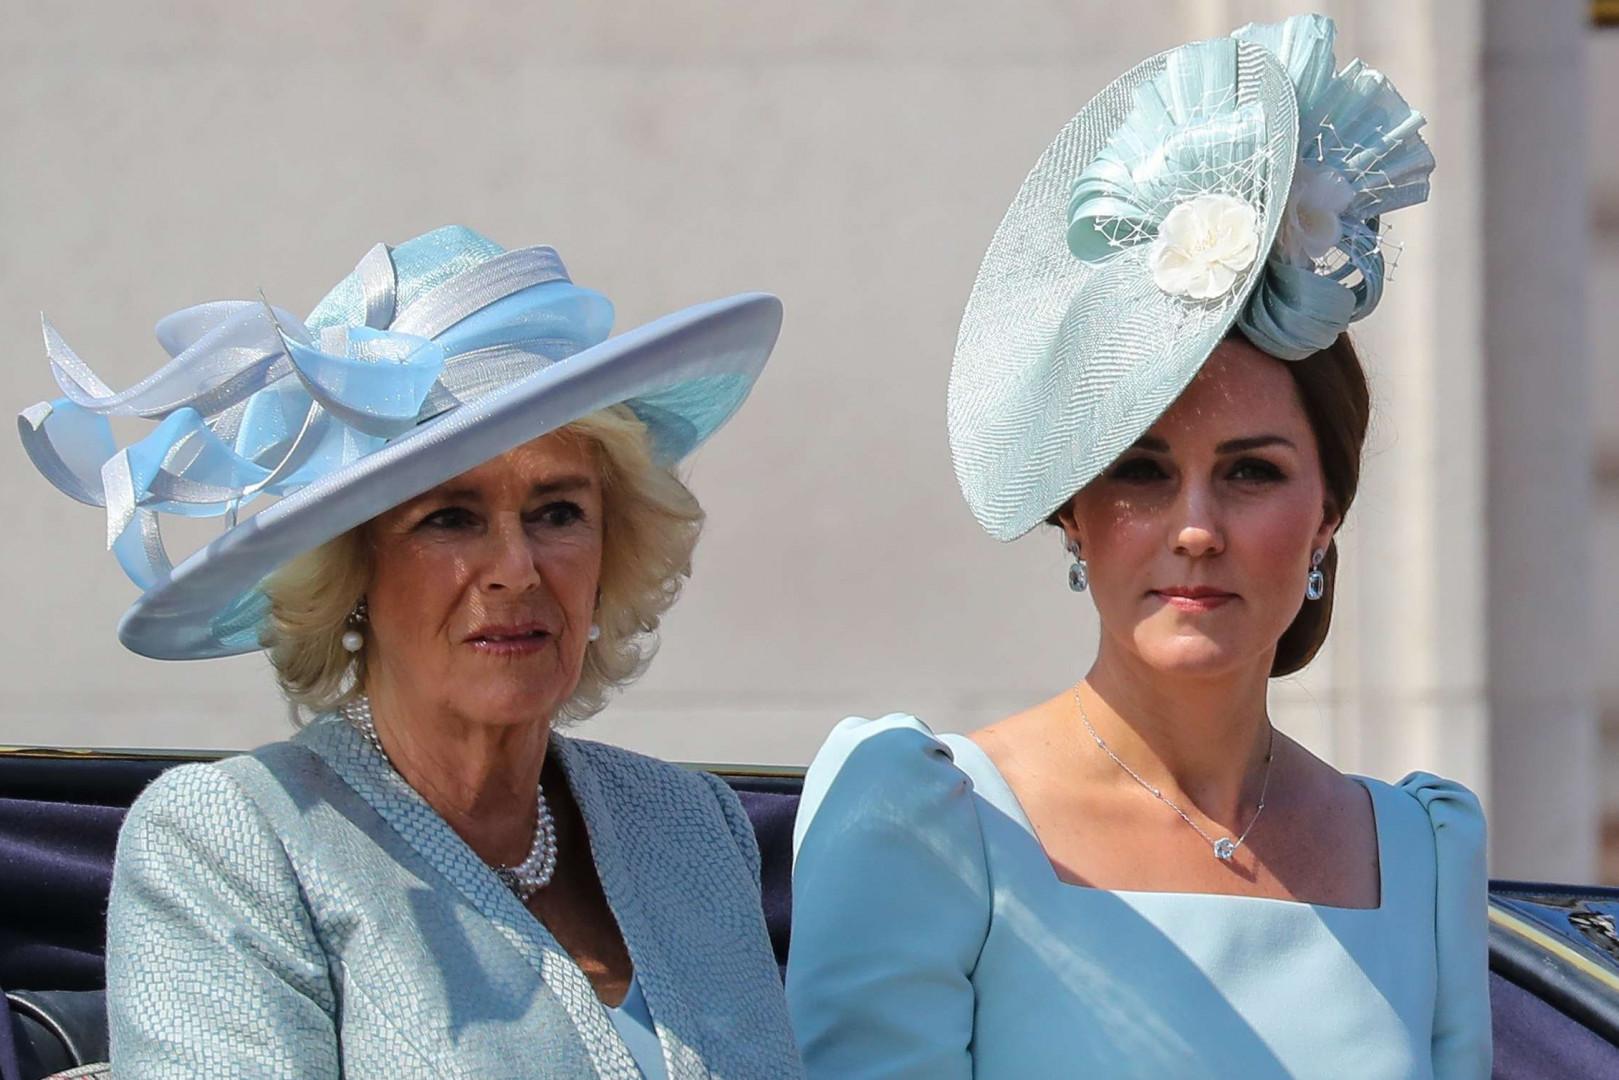 """Camilla la duchesse de Cornouailles et Kate la duchesse de Cambridge lors du """"Tropping the Colour"""", le 9 juin 2018"""